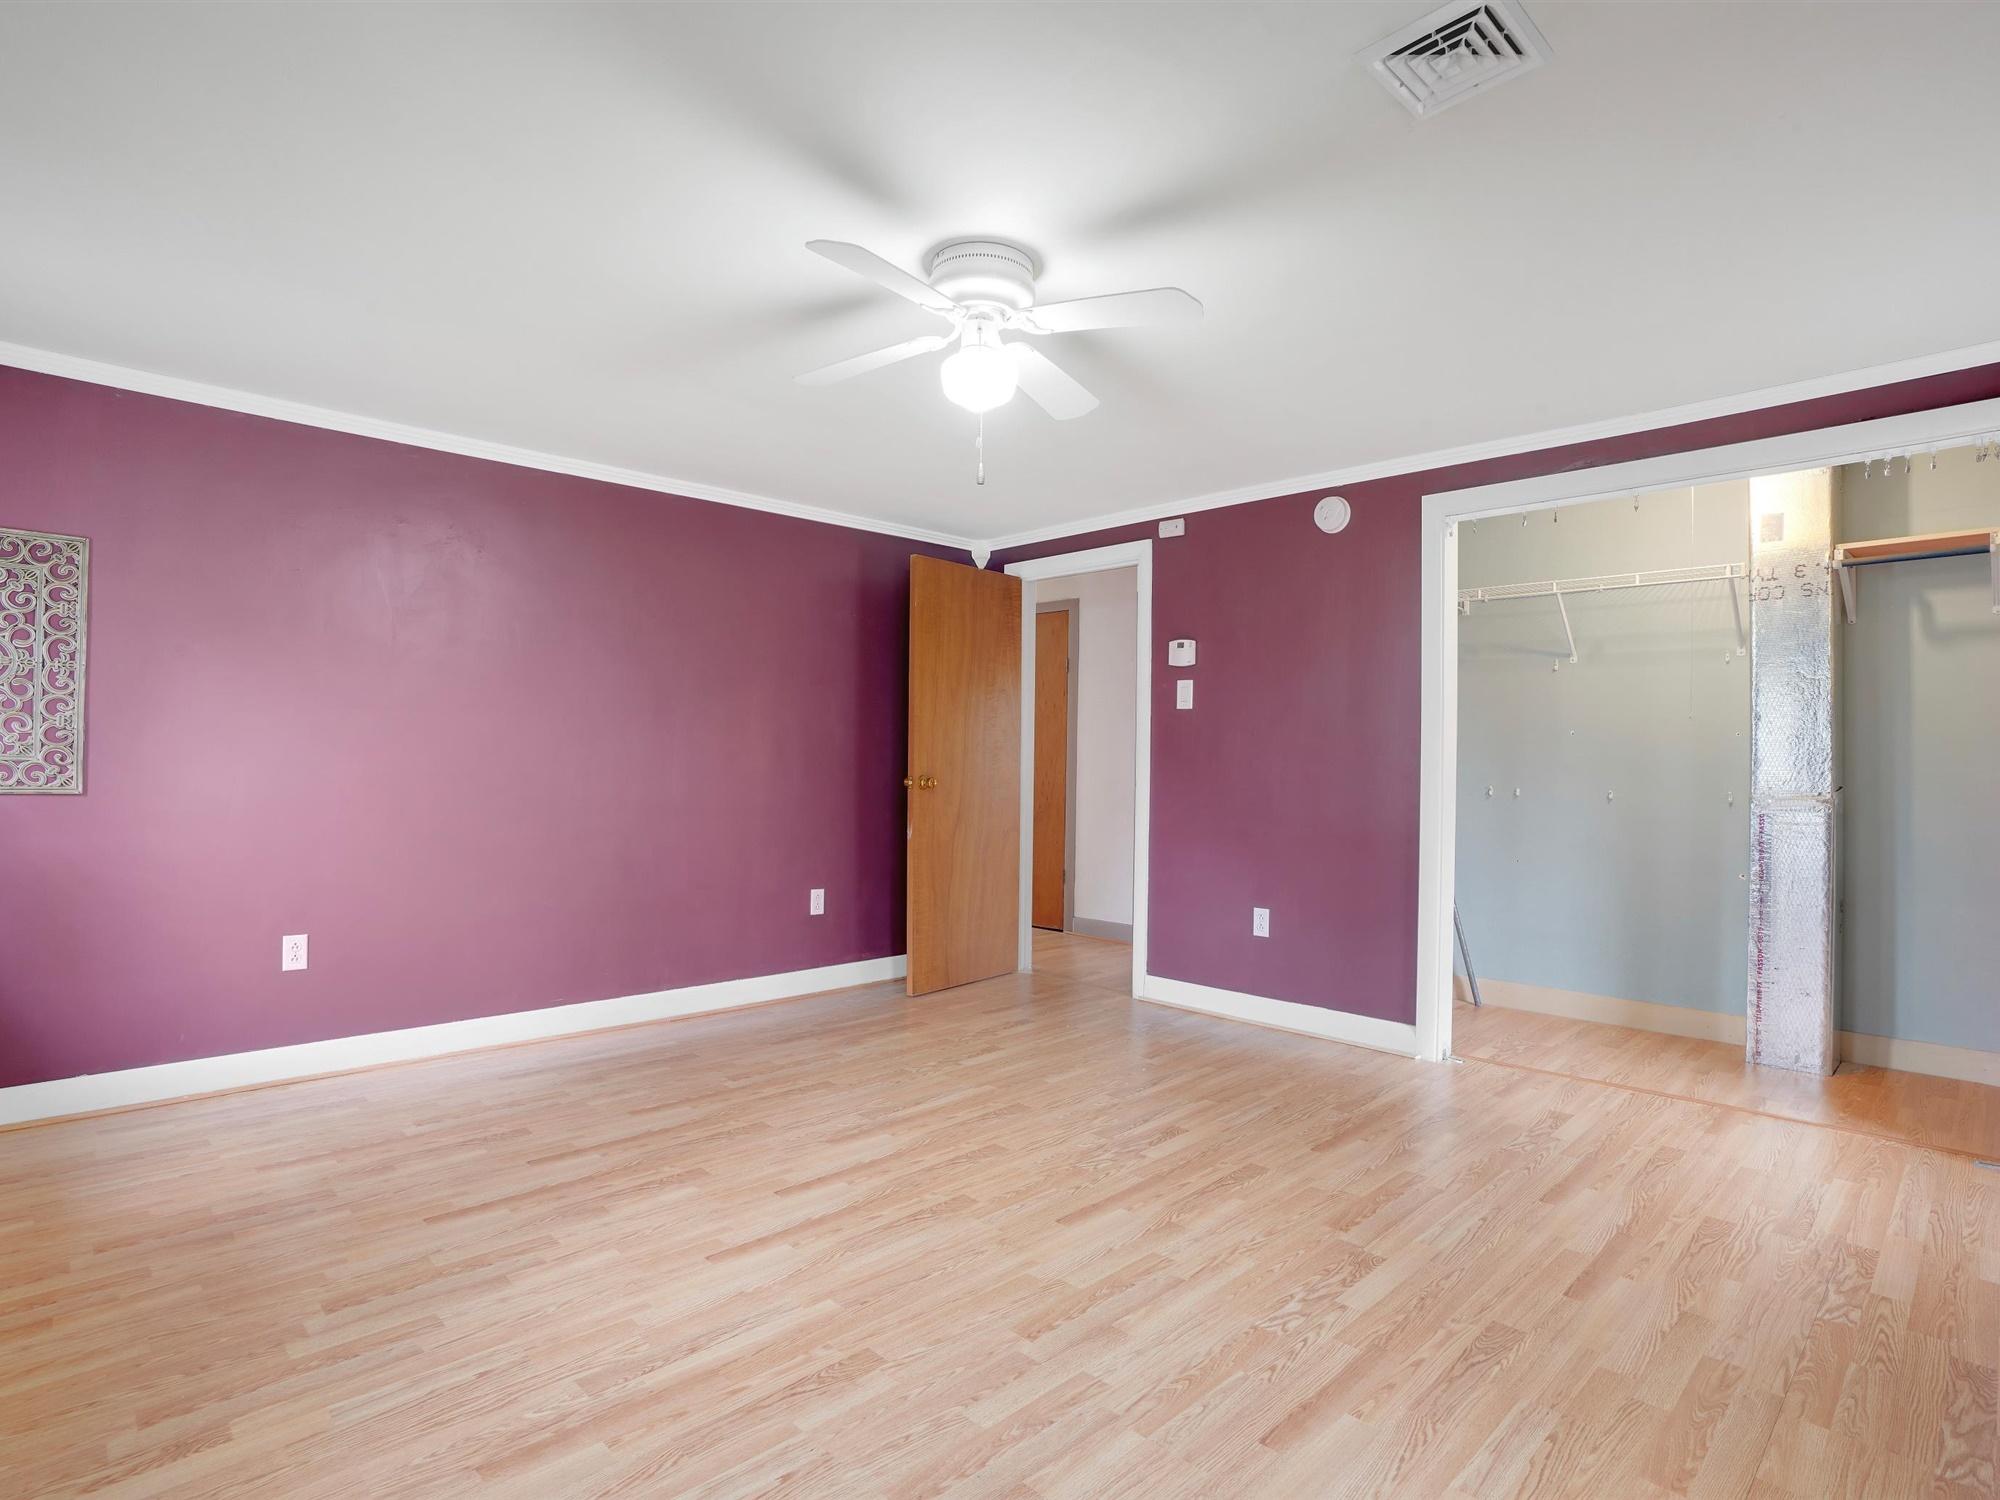 2022 Kline st - bedroom